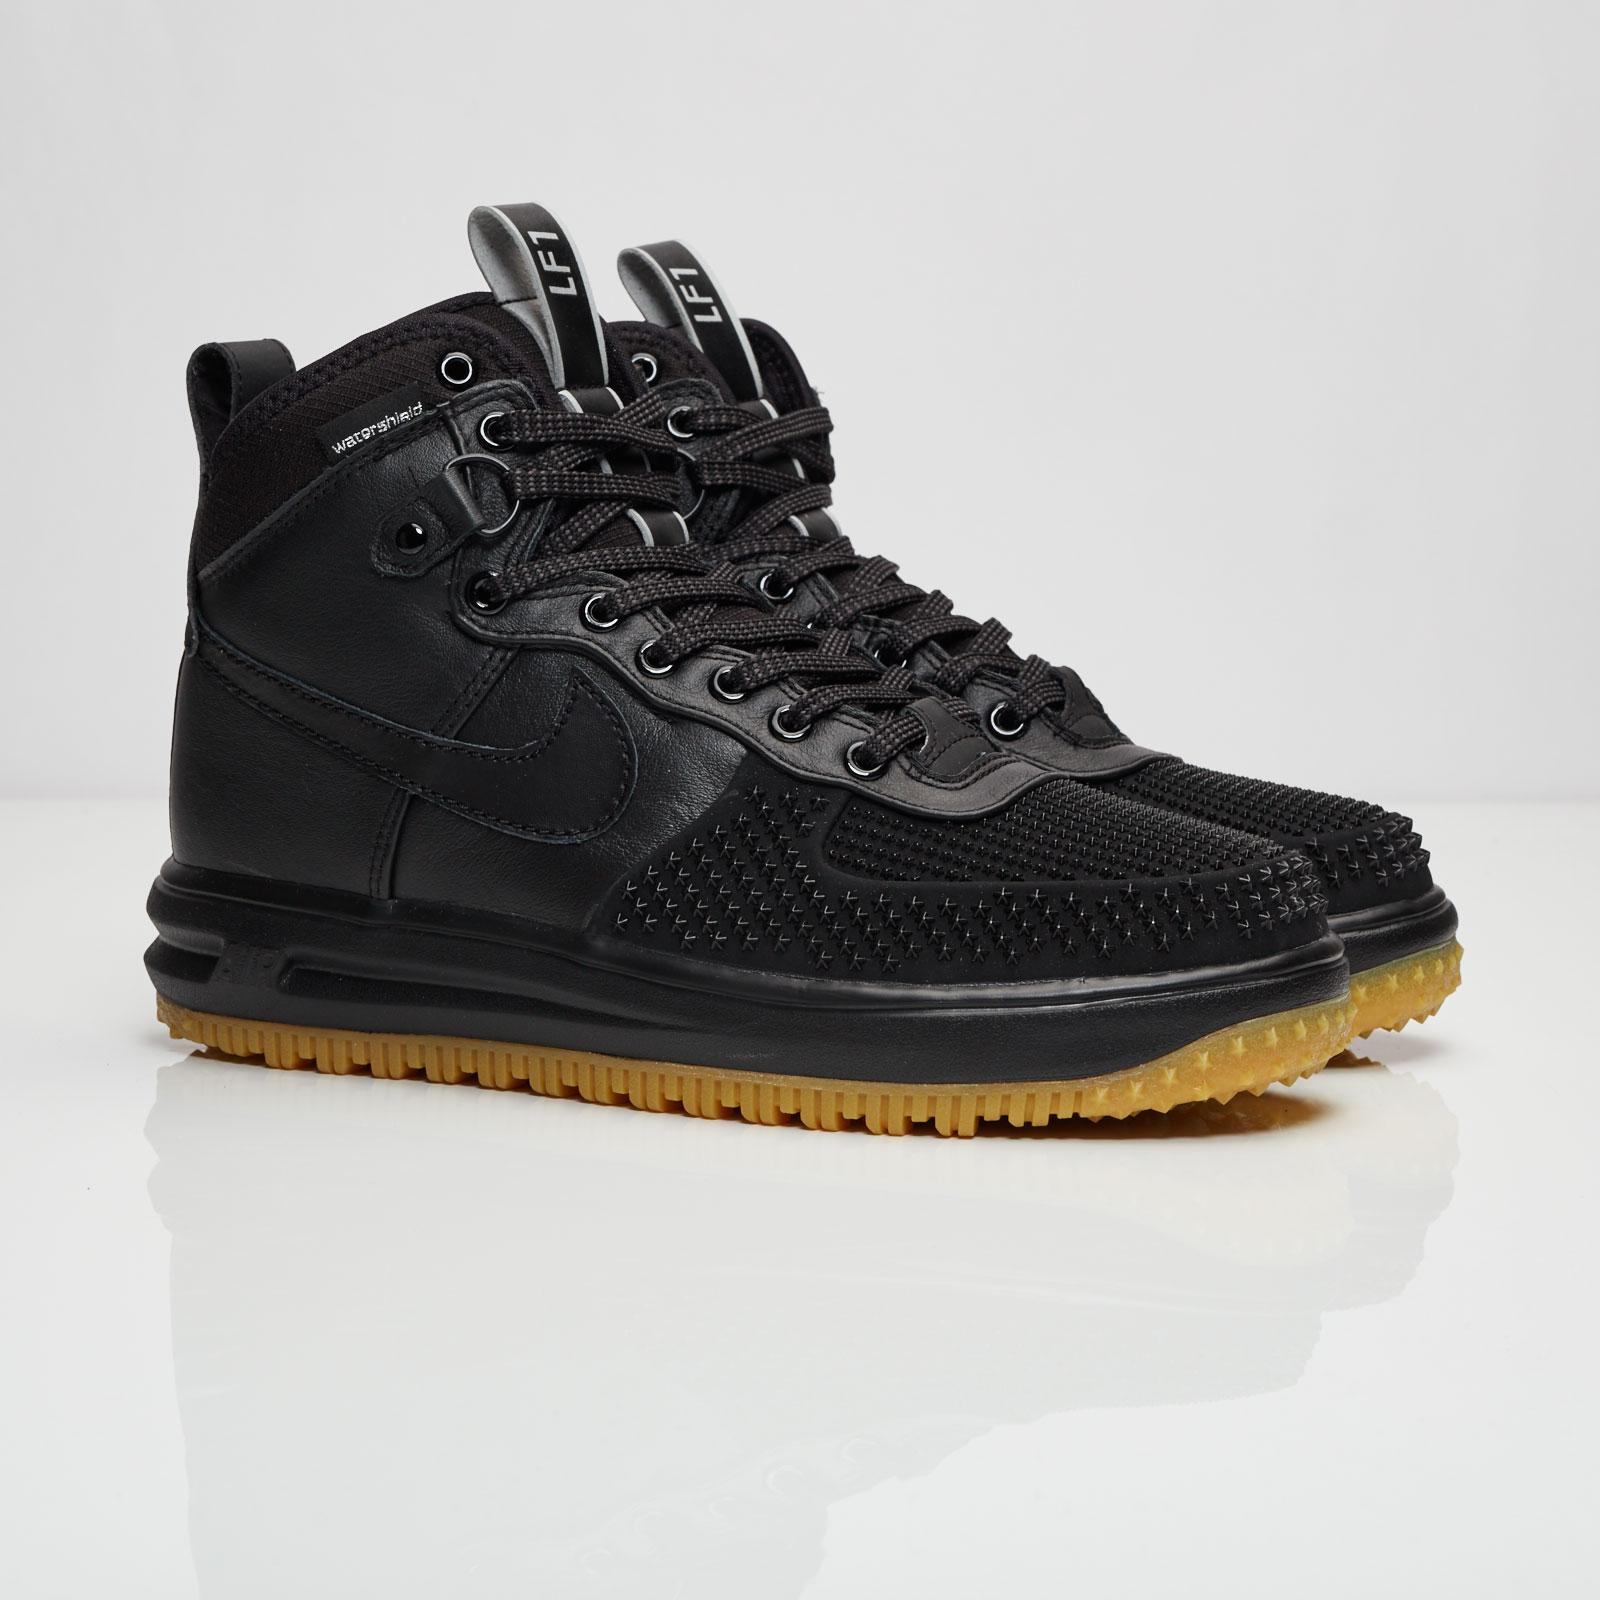 przyjazd przed Sprzedaż taniej Nike Lunar Force 1 Duckboot - 805899-003 - Sneakersnstuff ...